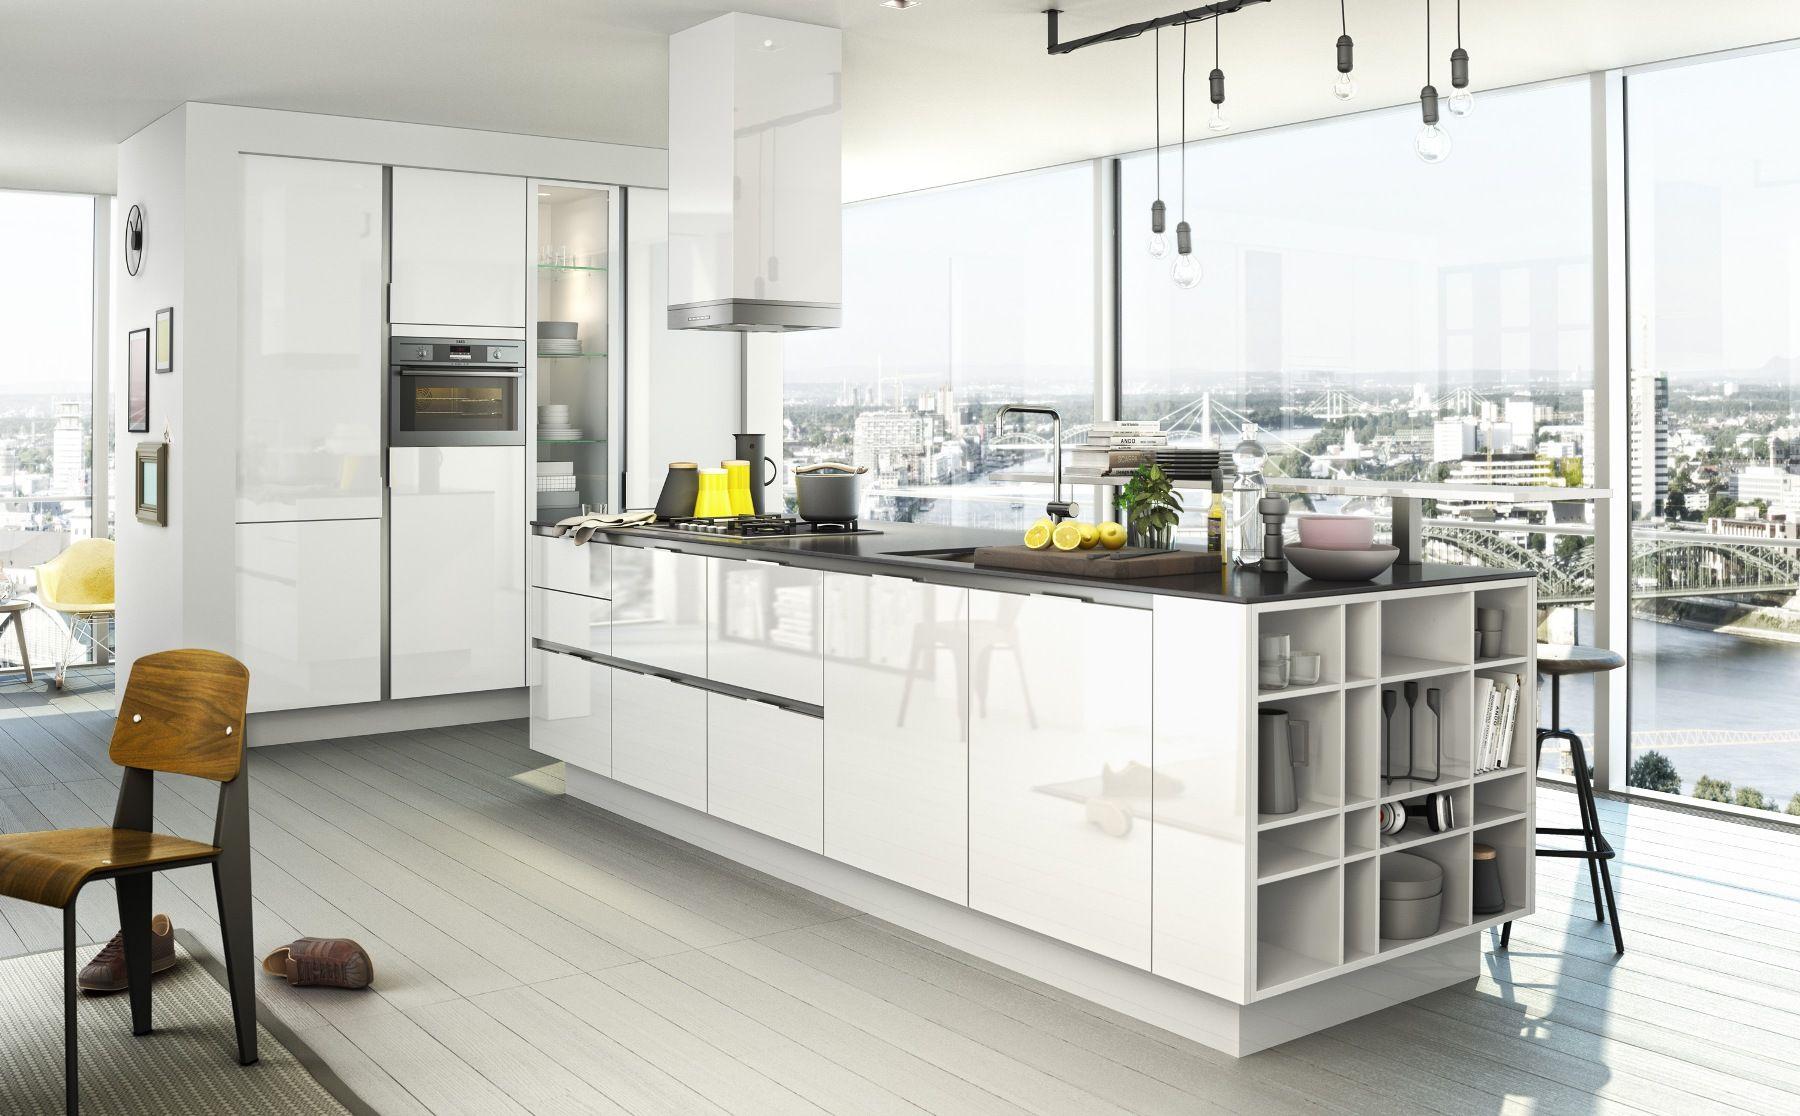 Siematic Keuken Onderdelen : Showroomkeukens alle showroomkeuken aanbiedingen uit nederland